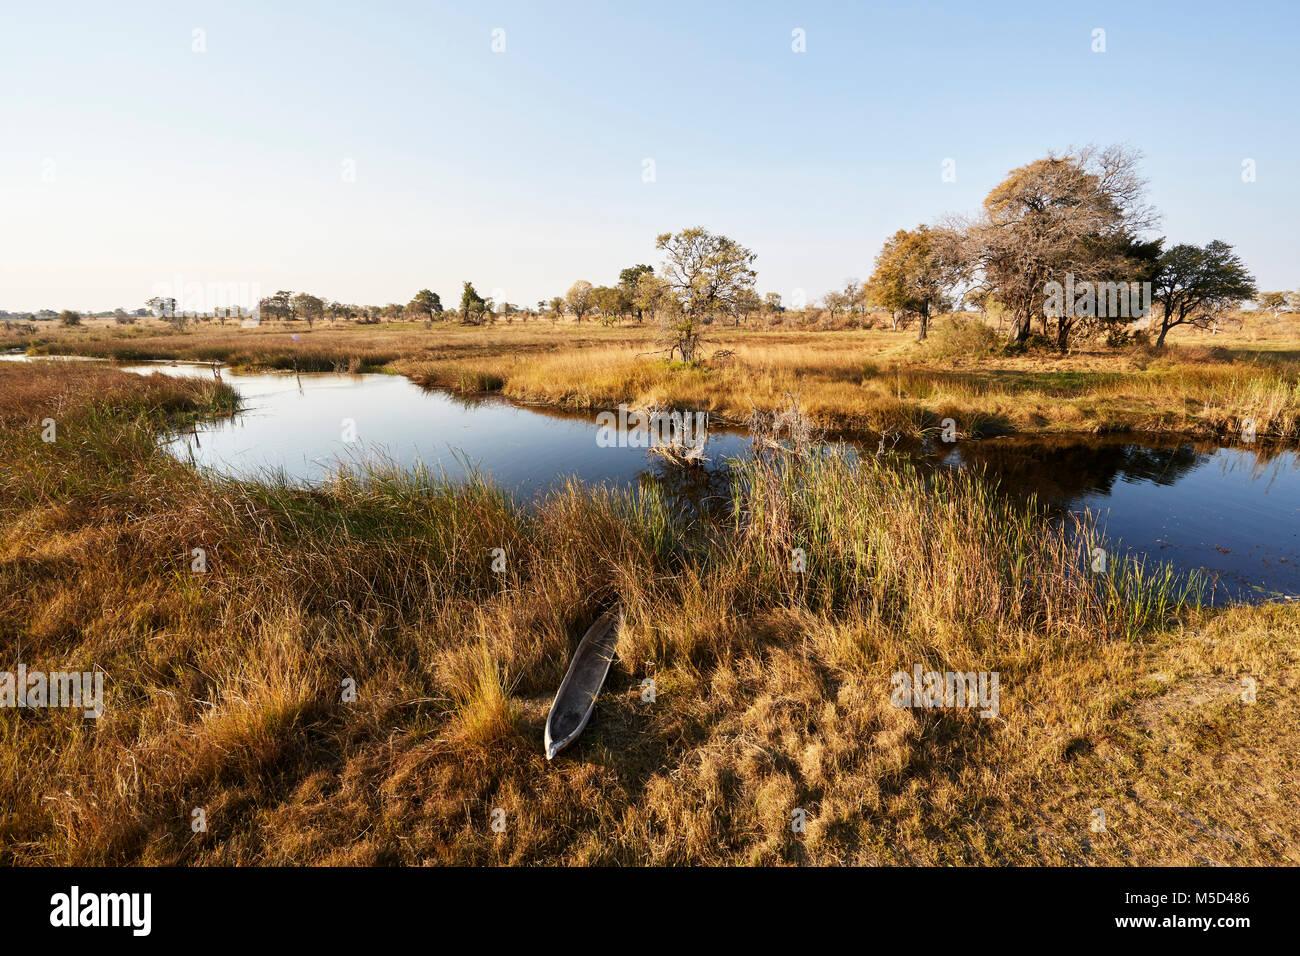 Bateau de pêche sur les berges de la rivière Kwando, Bwabwata National Park, région du Zambèze, Photo Stock